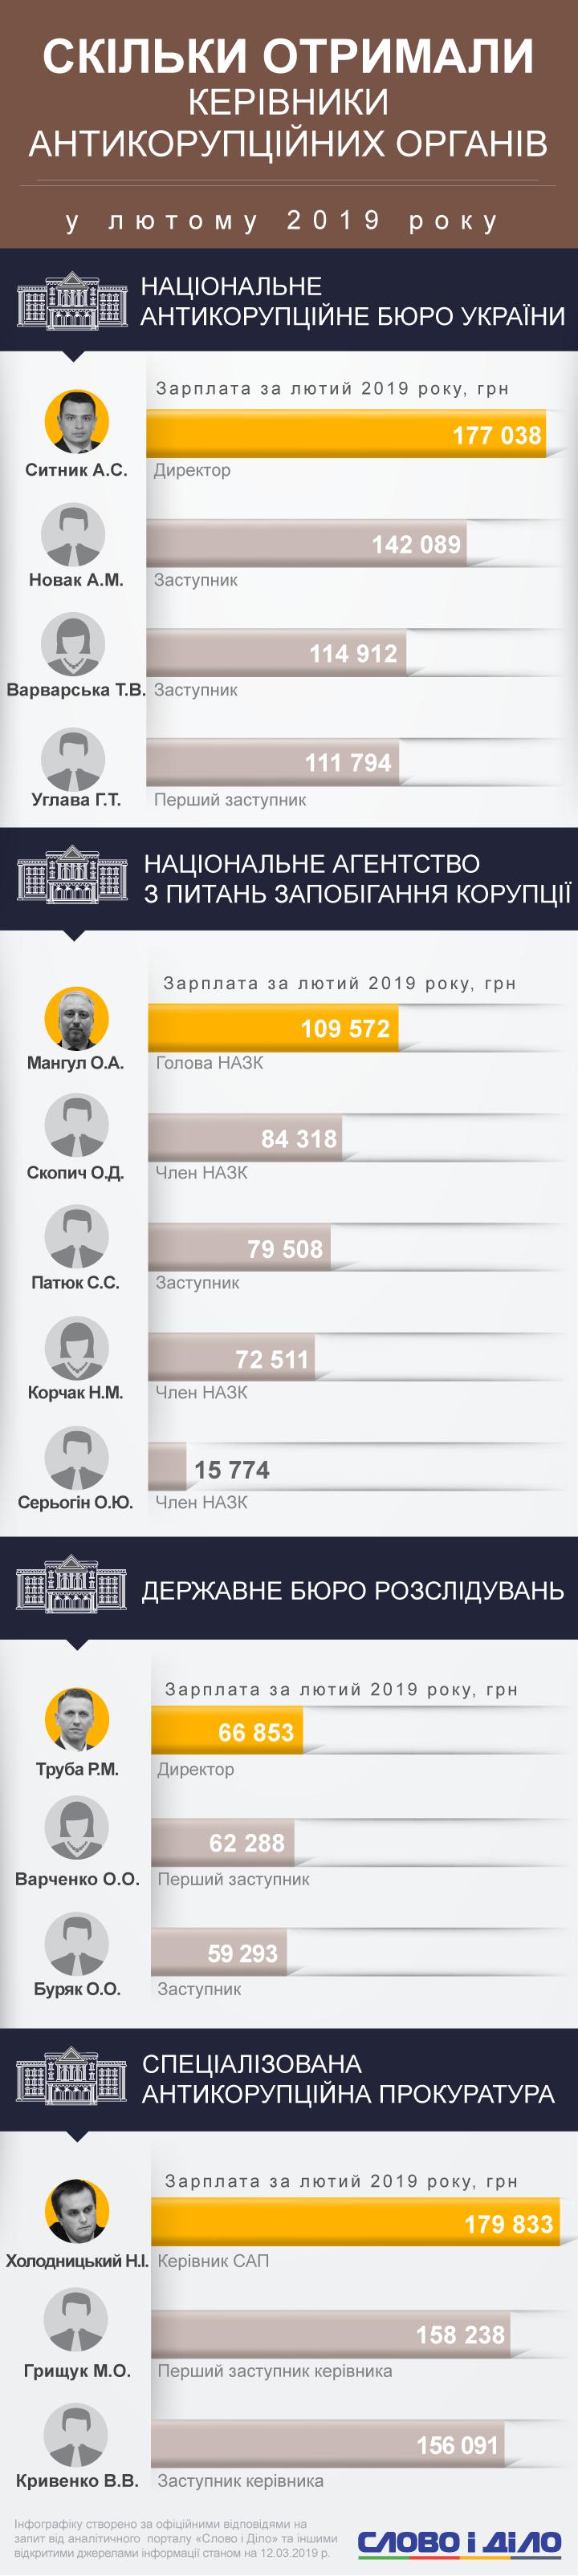 Меньше всех получил руководитель Государственного бюро расследований Роман Труба - почти 67 тыс грн